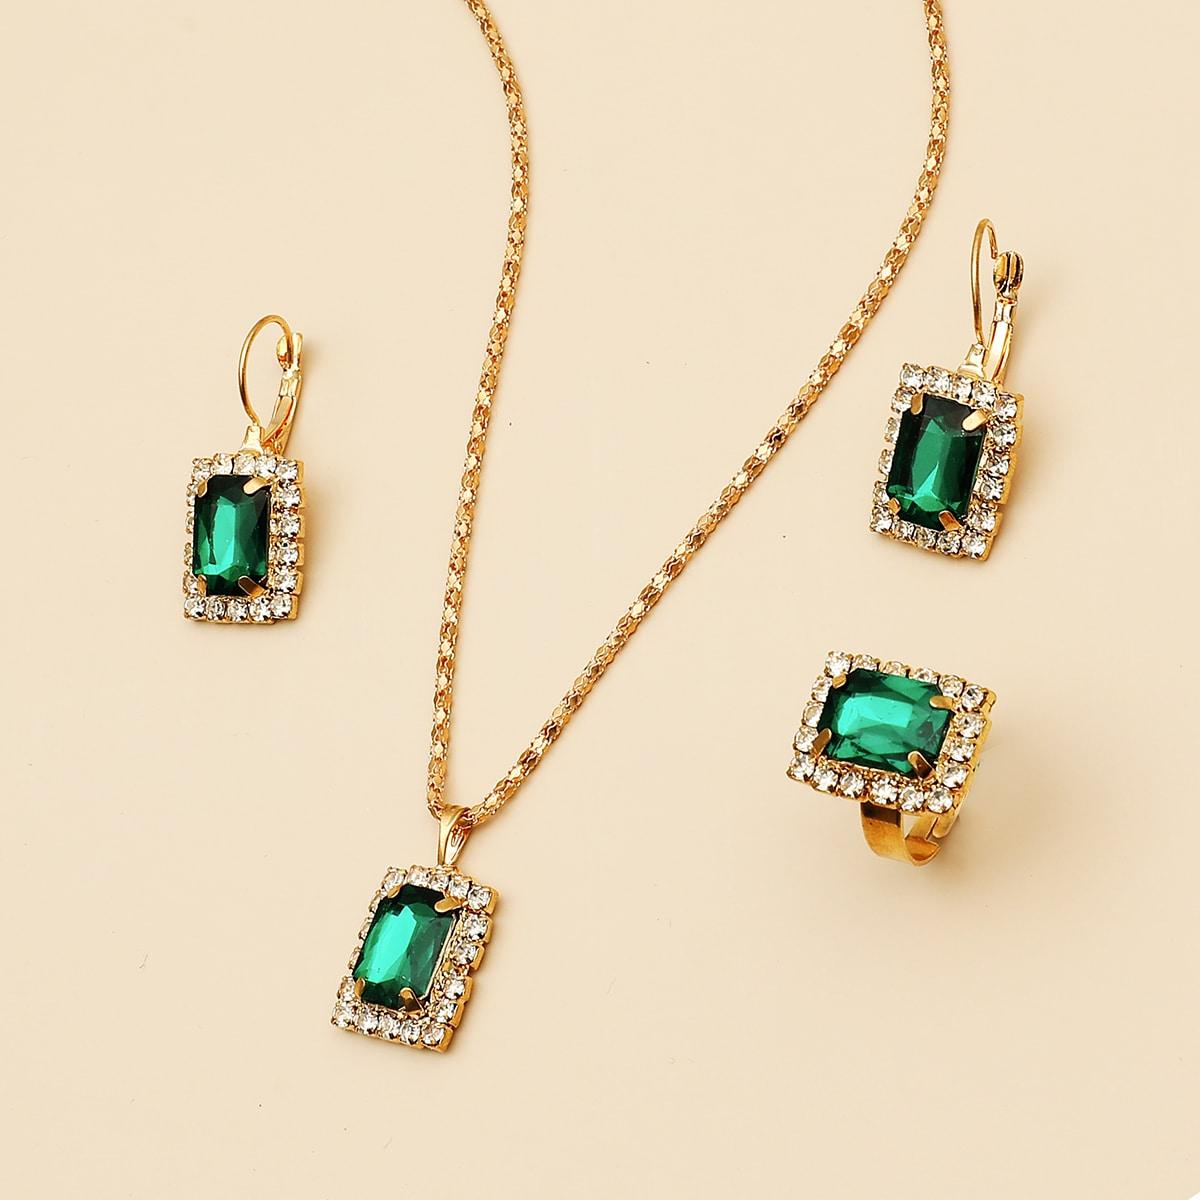 1 Stück Halskette mit Edelstein Anhänger & 1 Paar Ohrringe & 1 Stück Ring